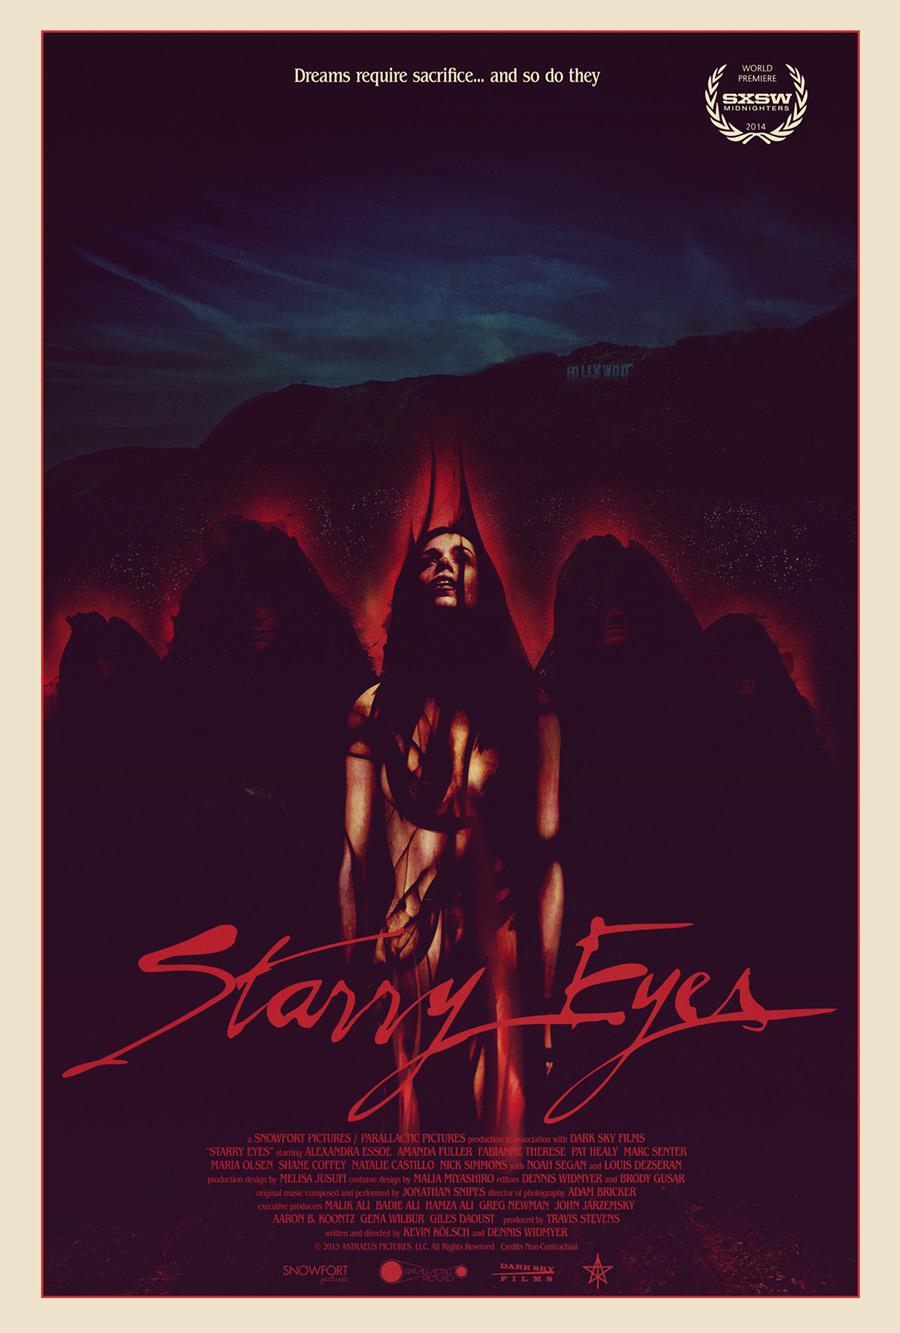 STARRY_EYES_ONE-SHEET_FINAL_W_LAUREL-1